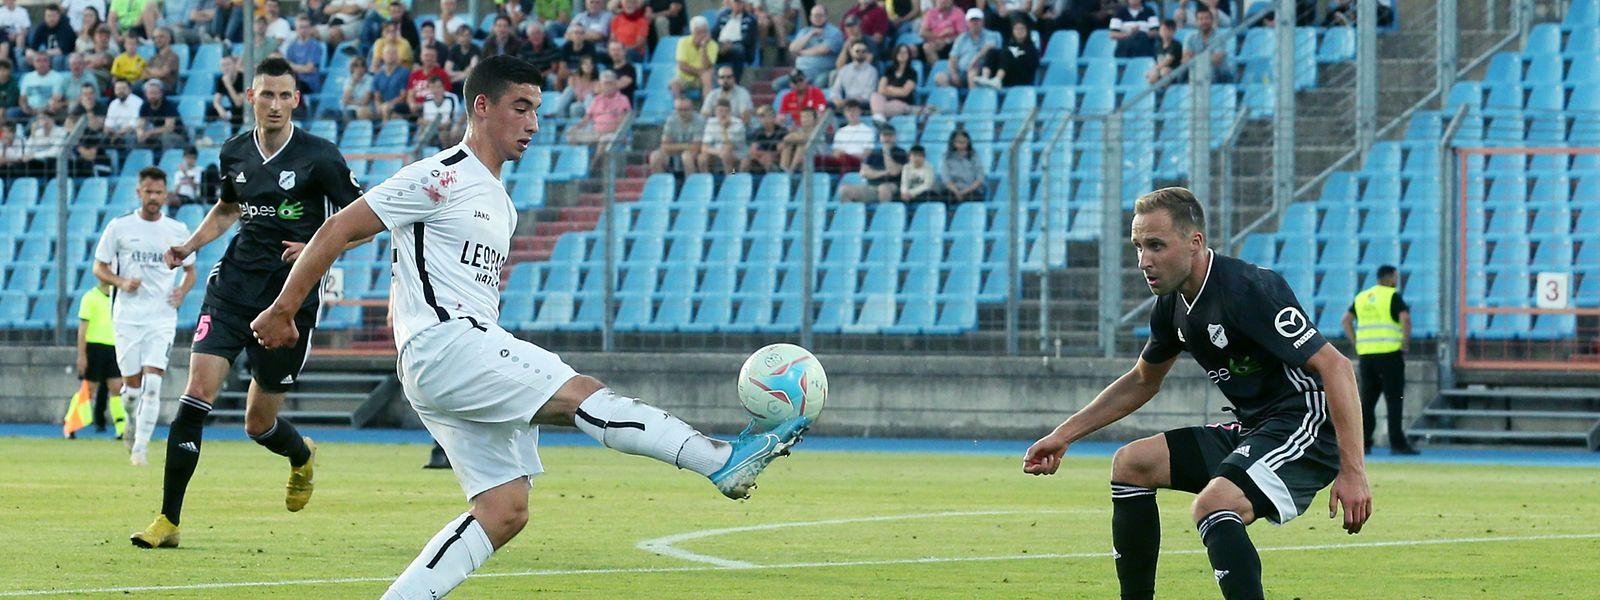 Mohammed Bouchouari et les Dudelangeois sont en excellente position pour se qualifier avant le match retour ce mardi à Tallinn.